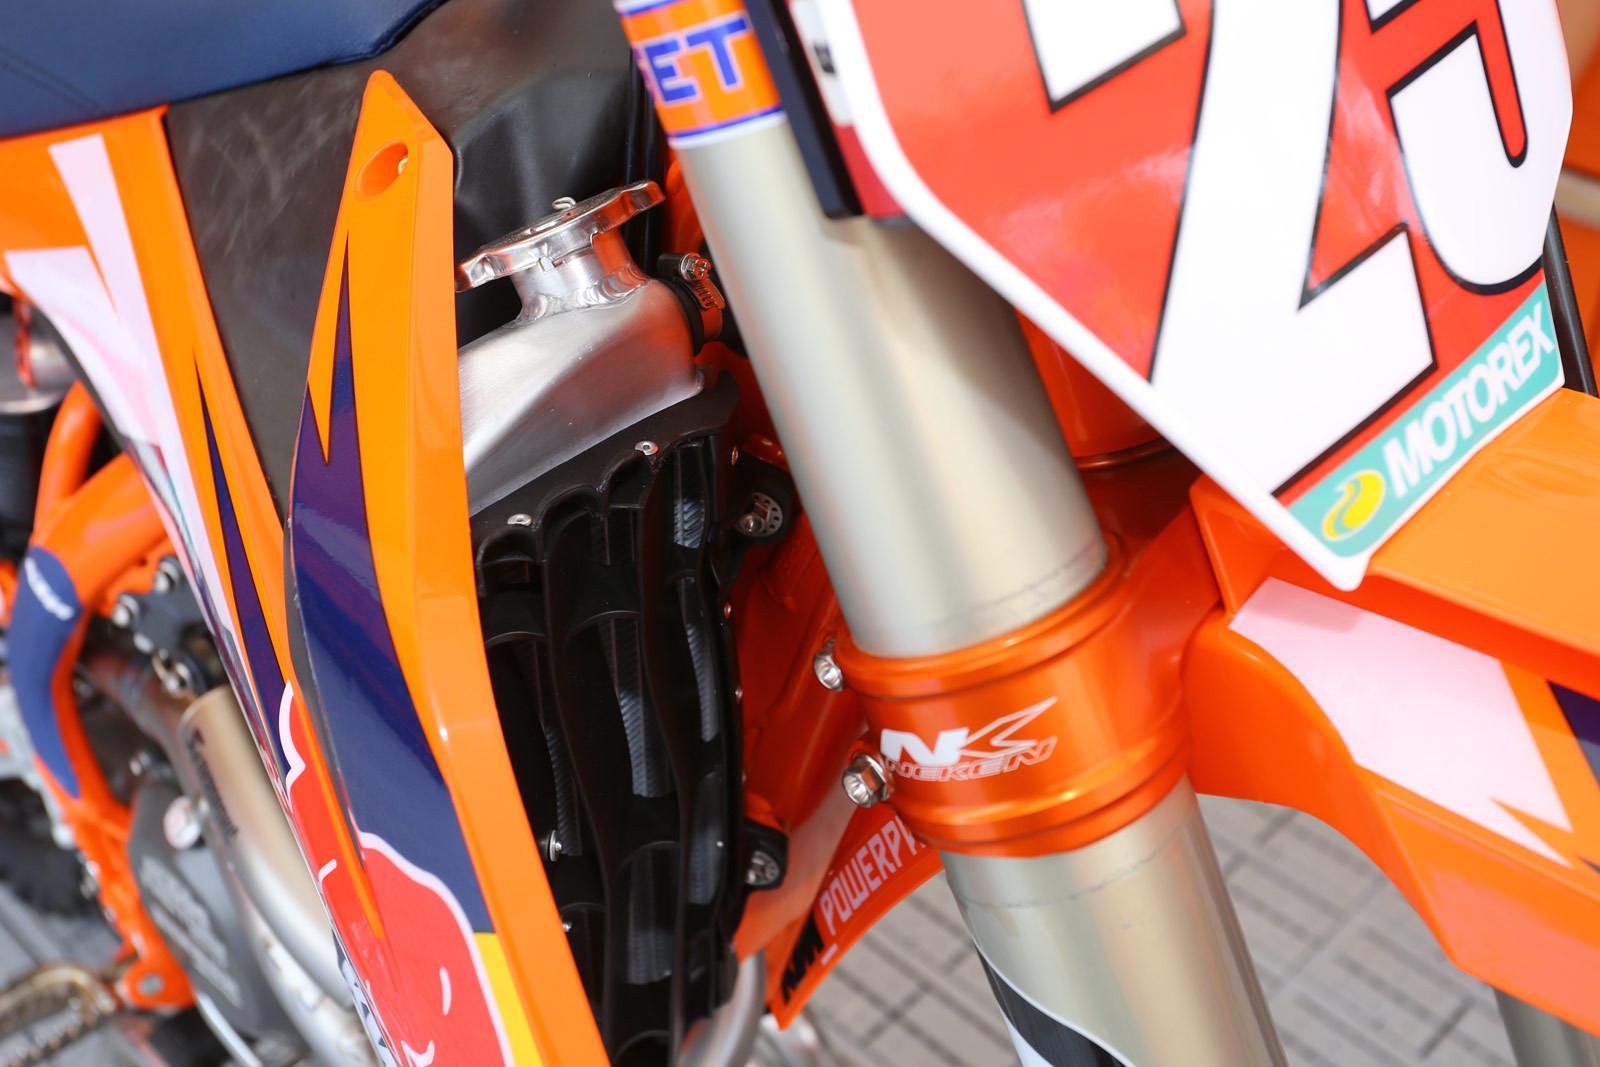 KTM Louvers - Vital MX Pit Bits: RedBud - Motocross Pictures - Vital MX